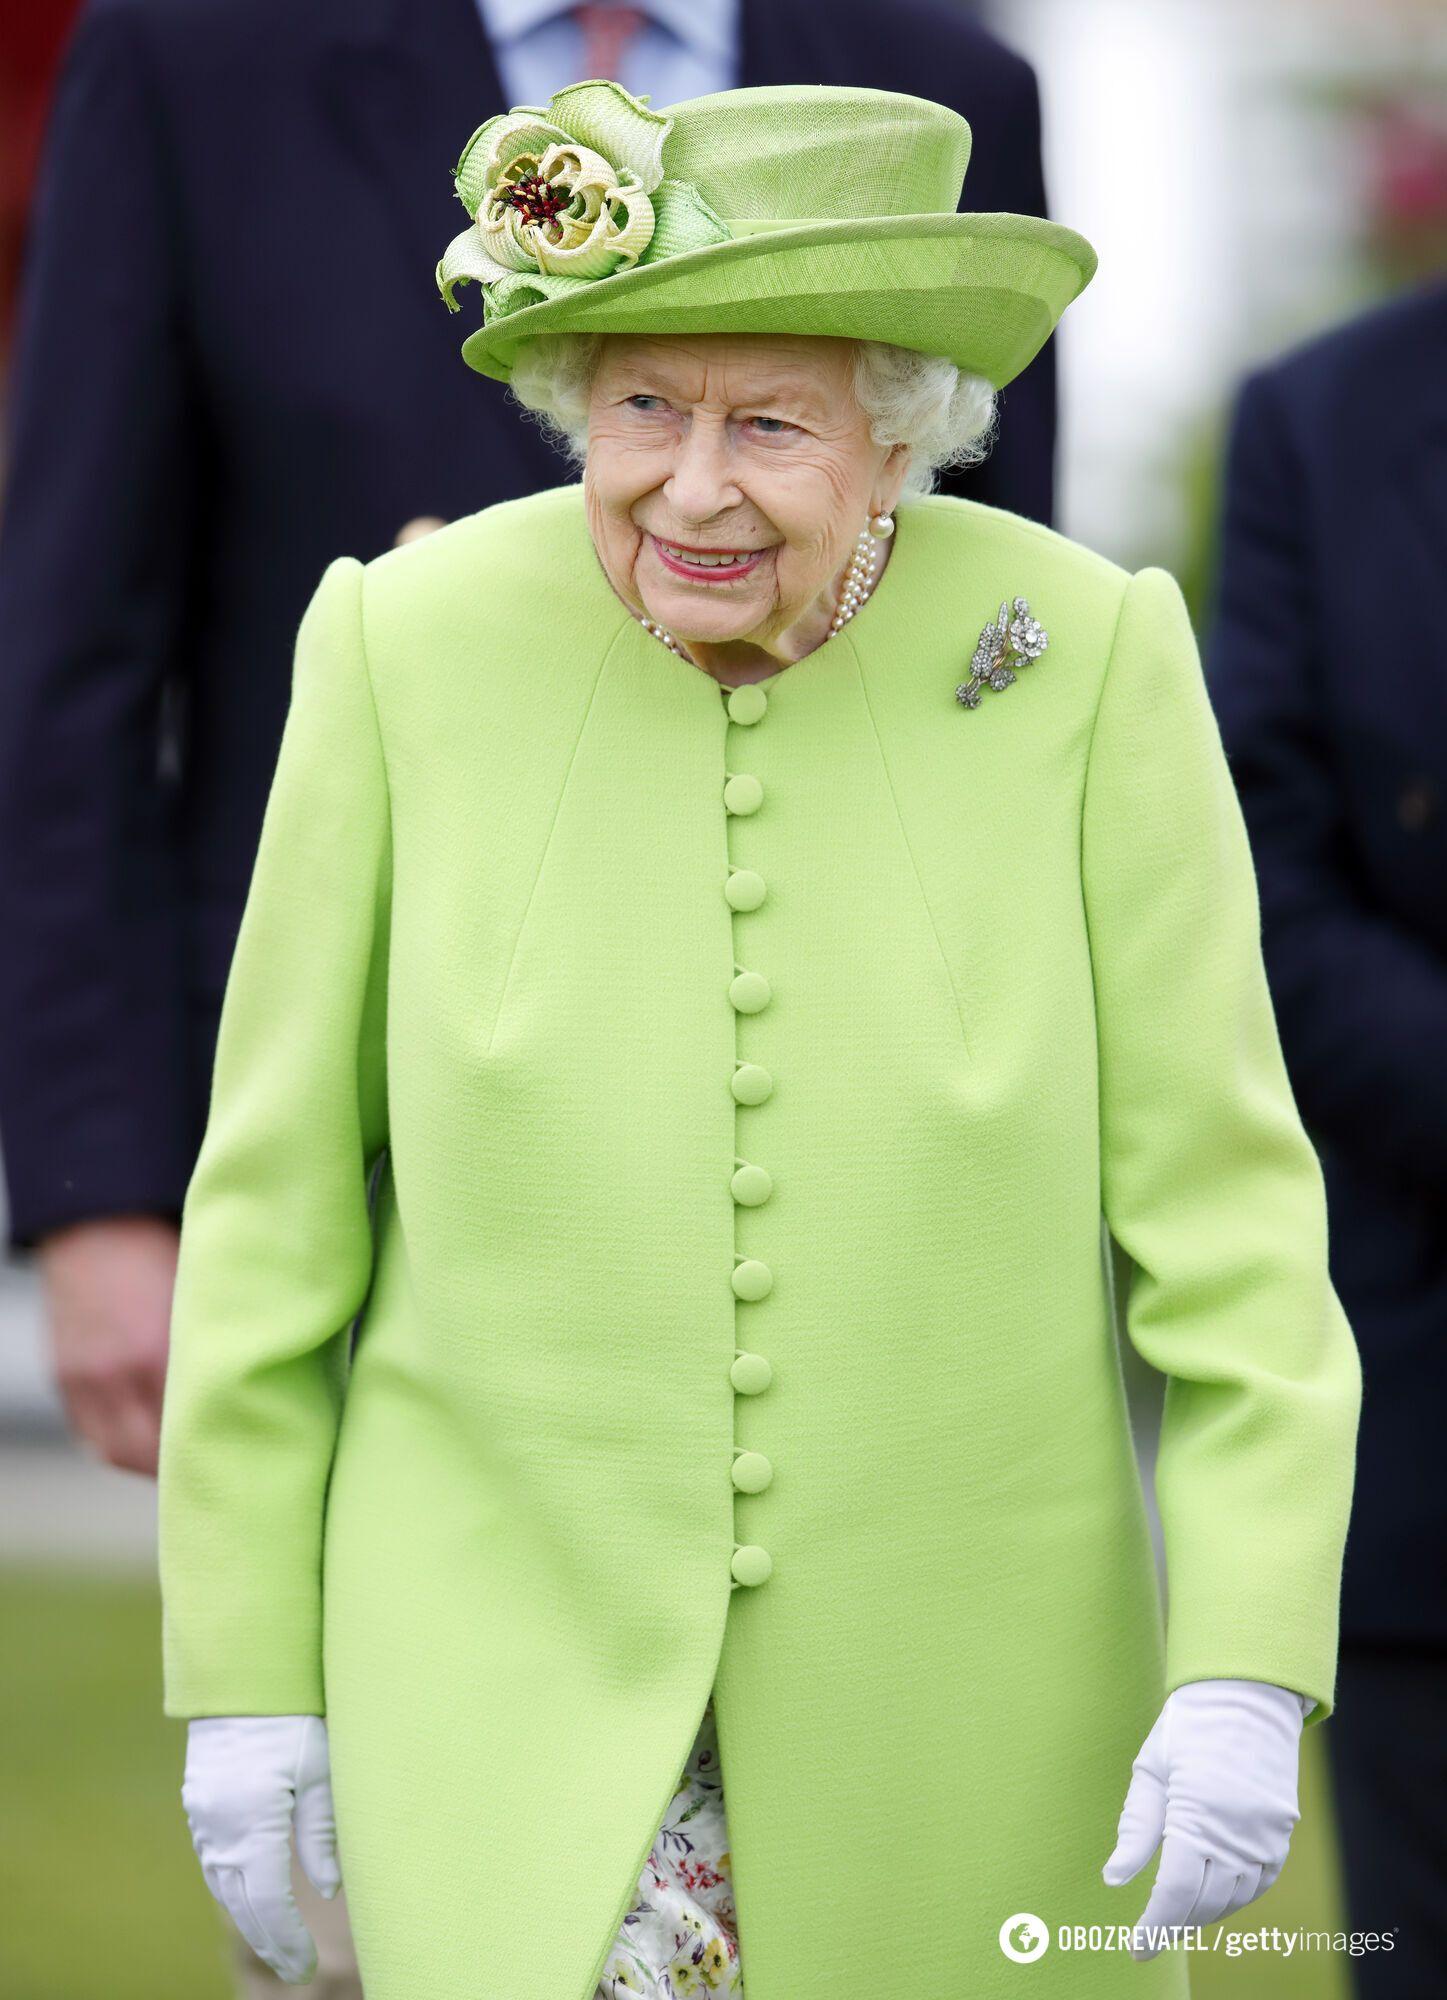 Елизавета II в салатовом пальто и цветочном платье.